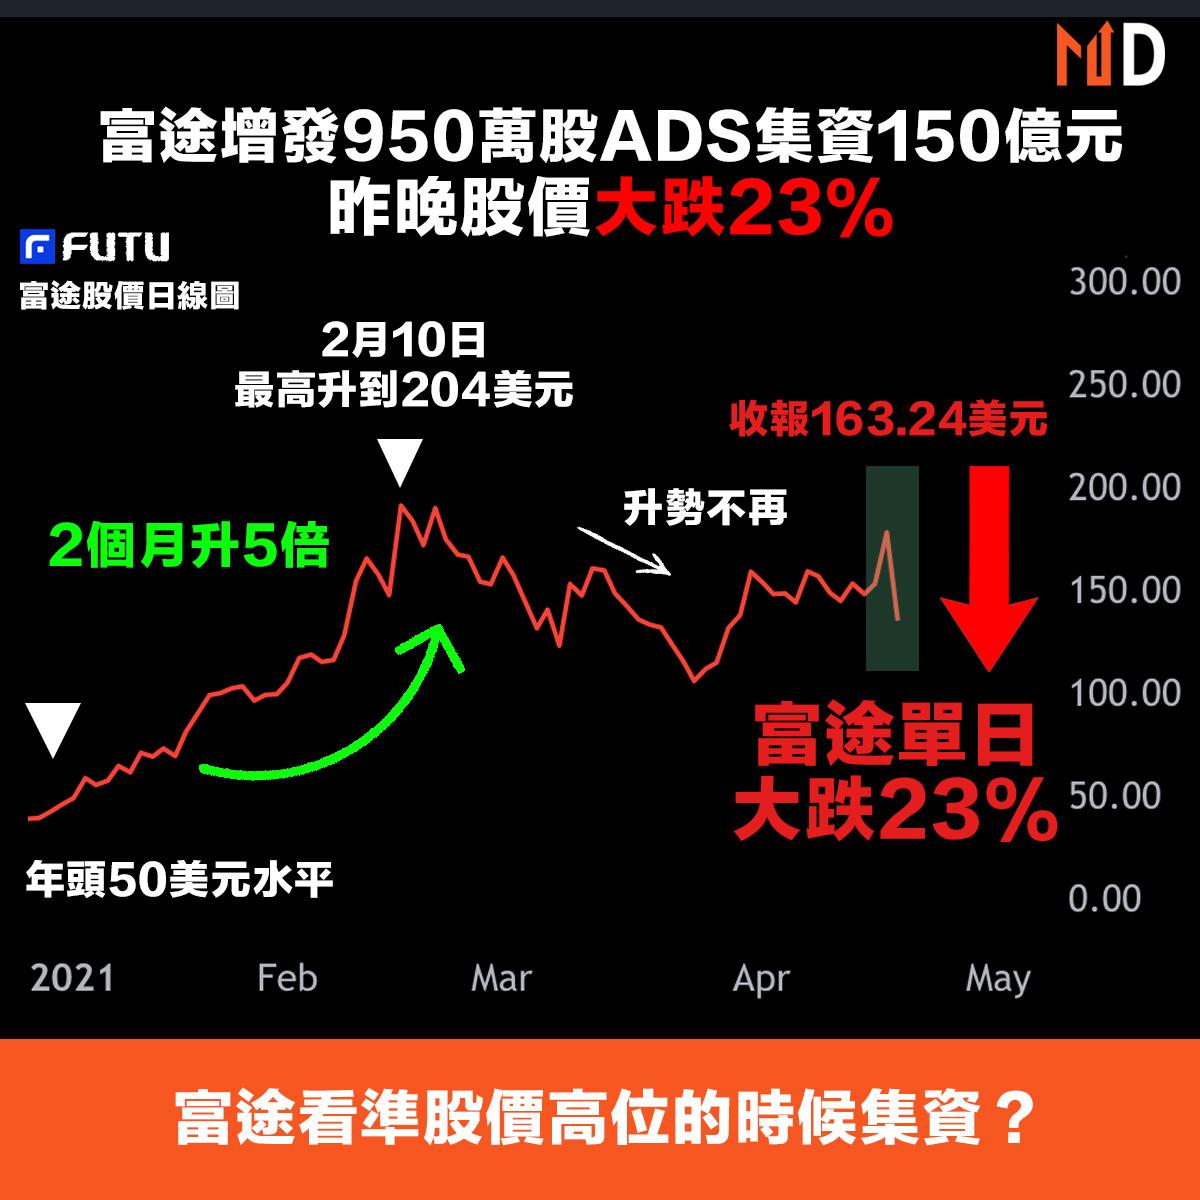 【市場熱話】富途宣佈增發950萬股ADS籌150億元,股價單日大跌23%